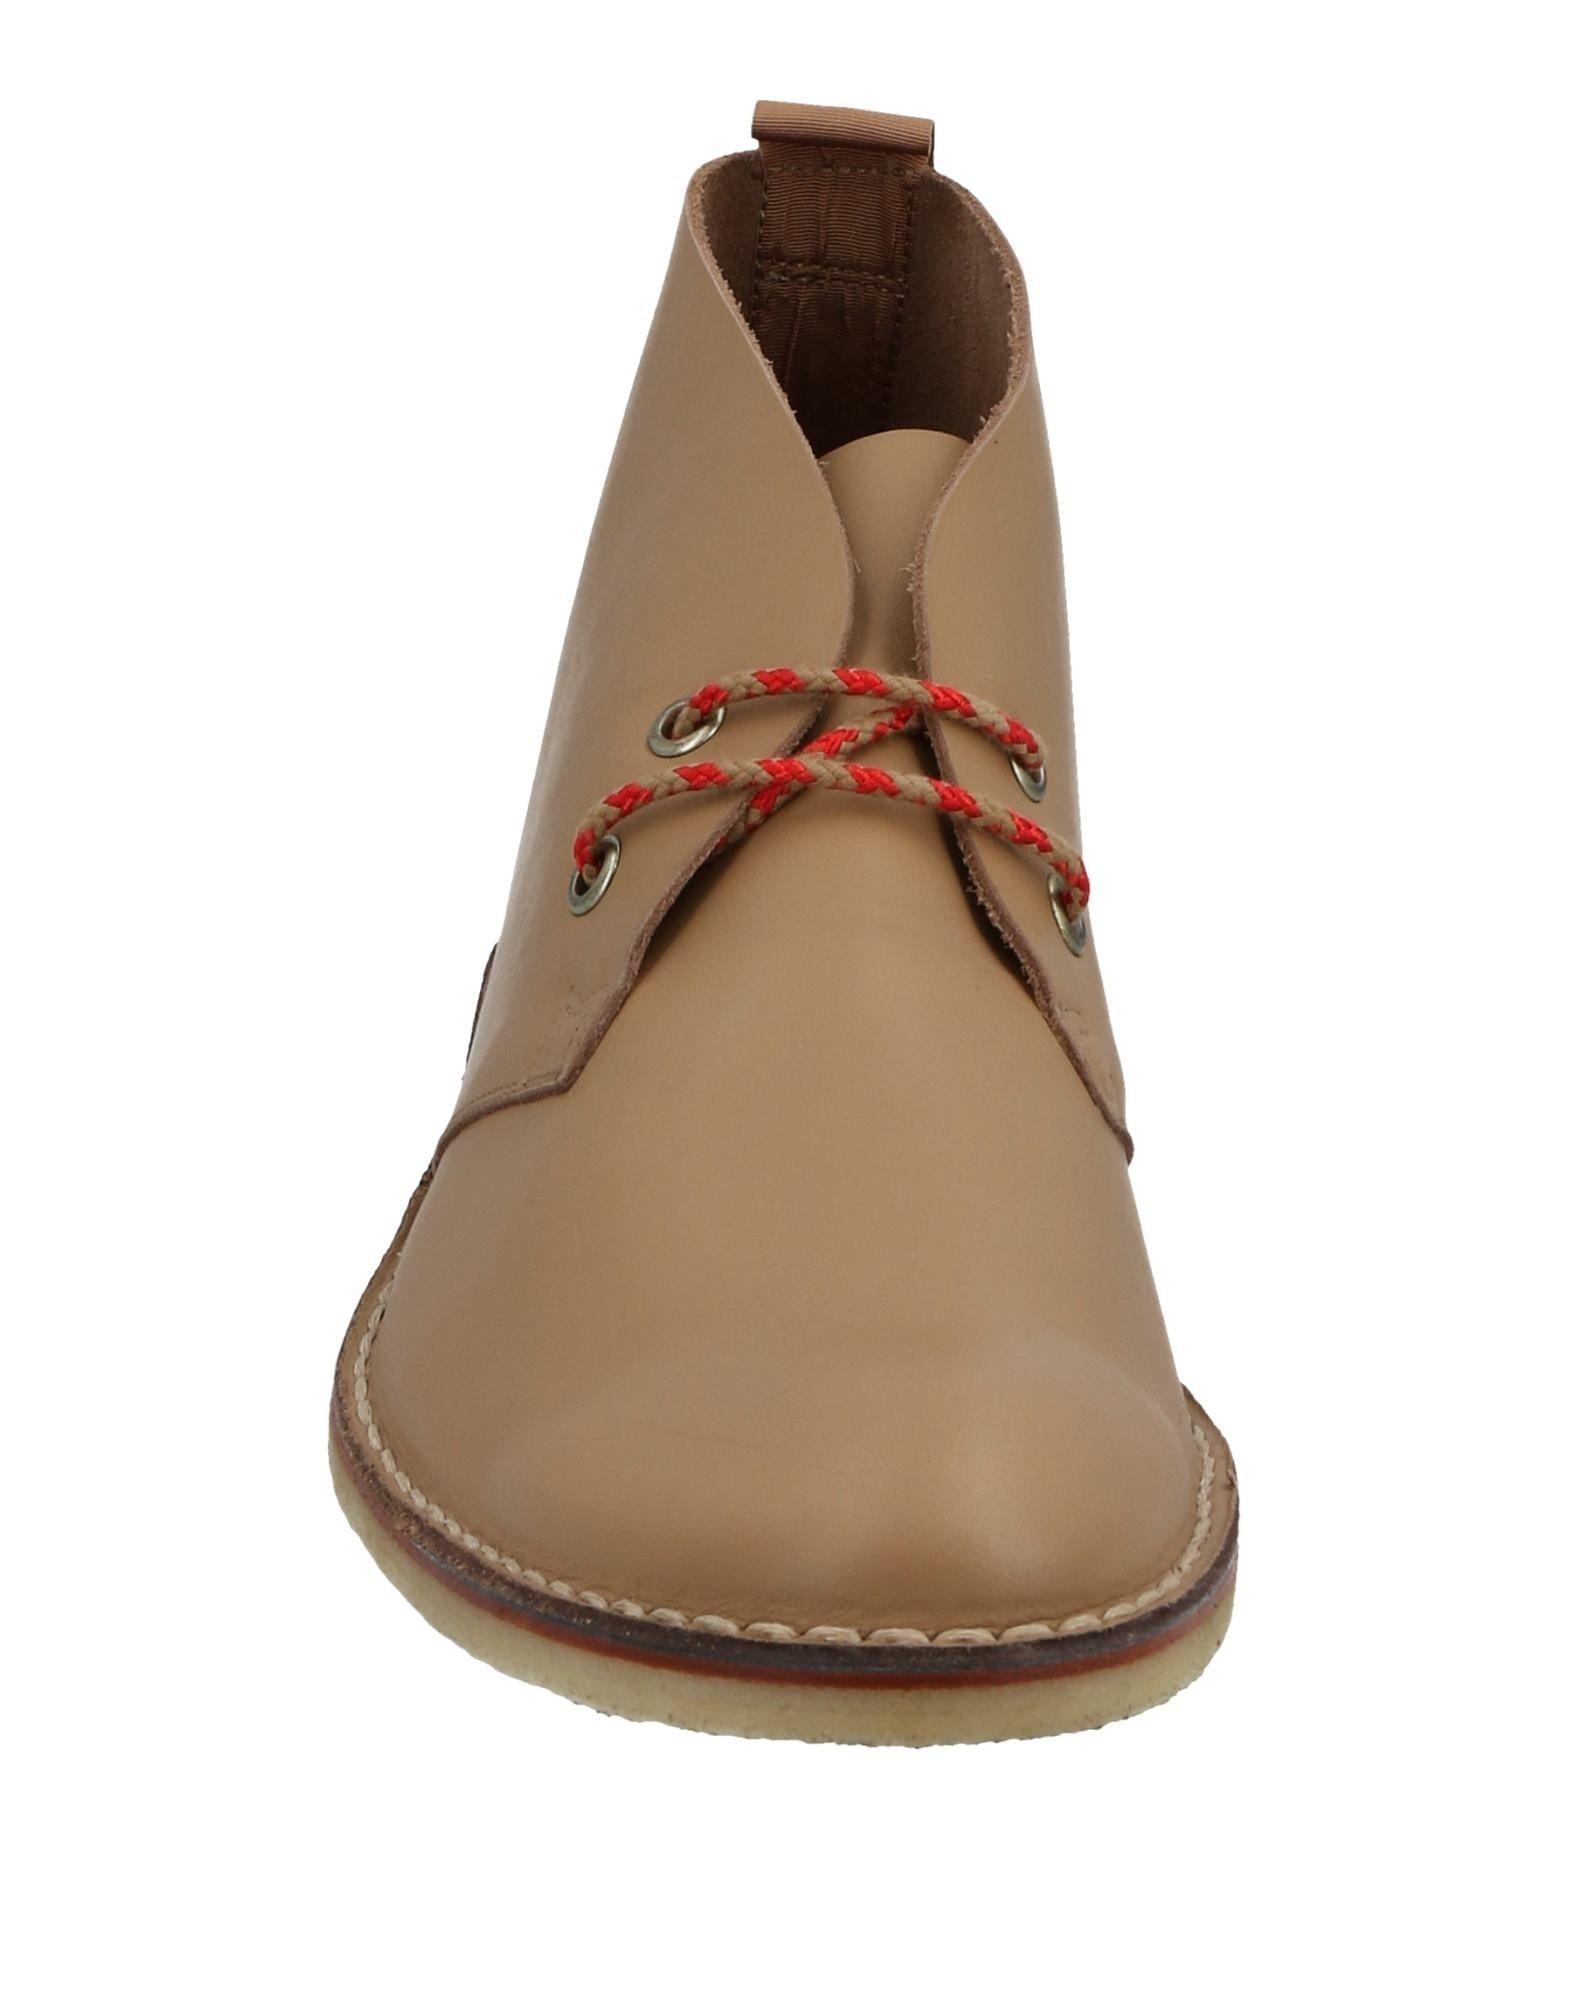 Marc Jacobs Stiefelette Herren beliebte  11509473LG Gute Qualität beliebte Herren Schuhe 630ca3